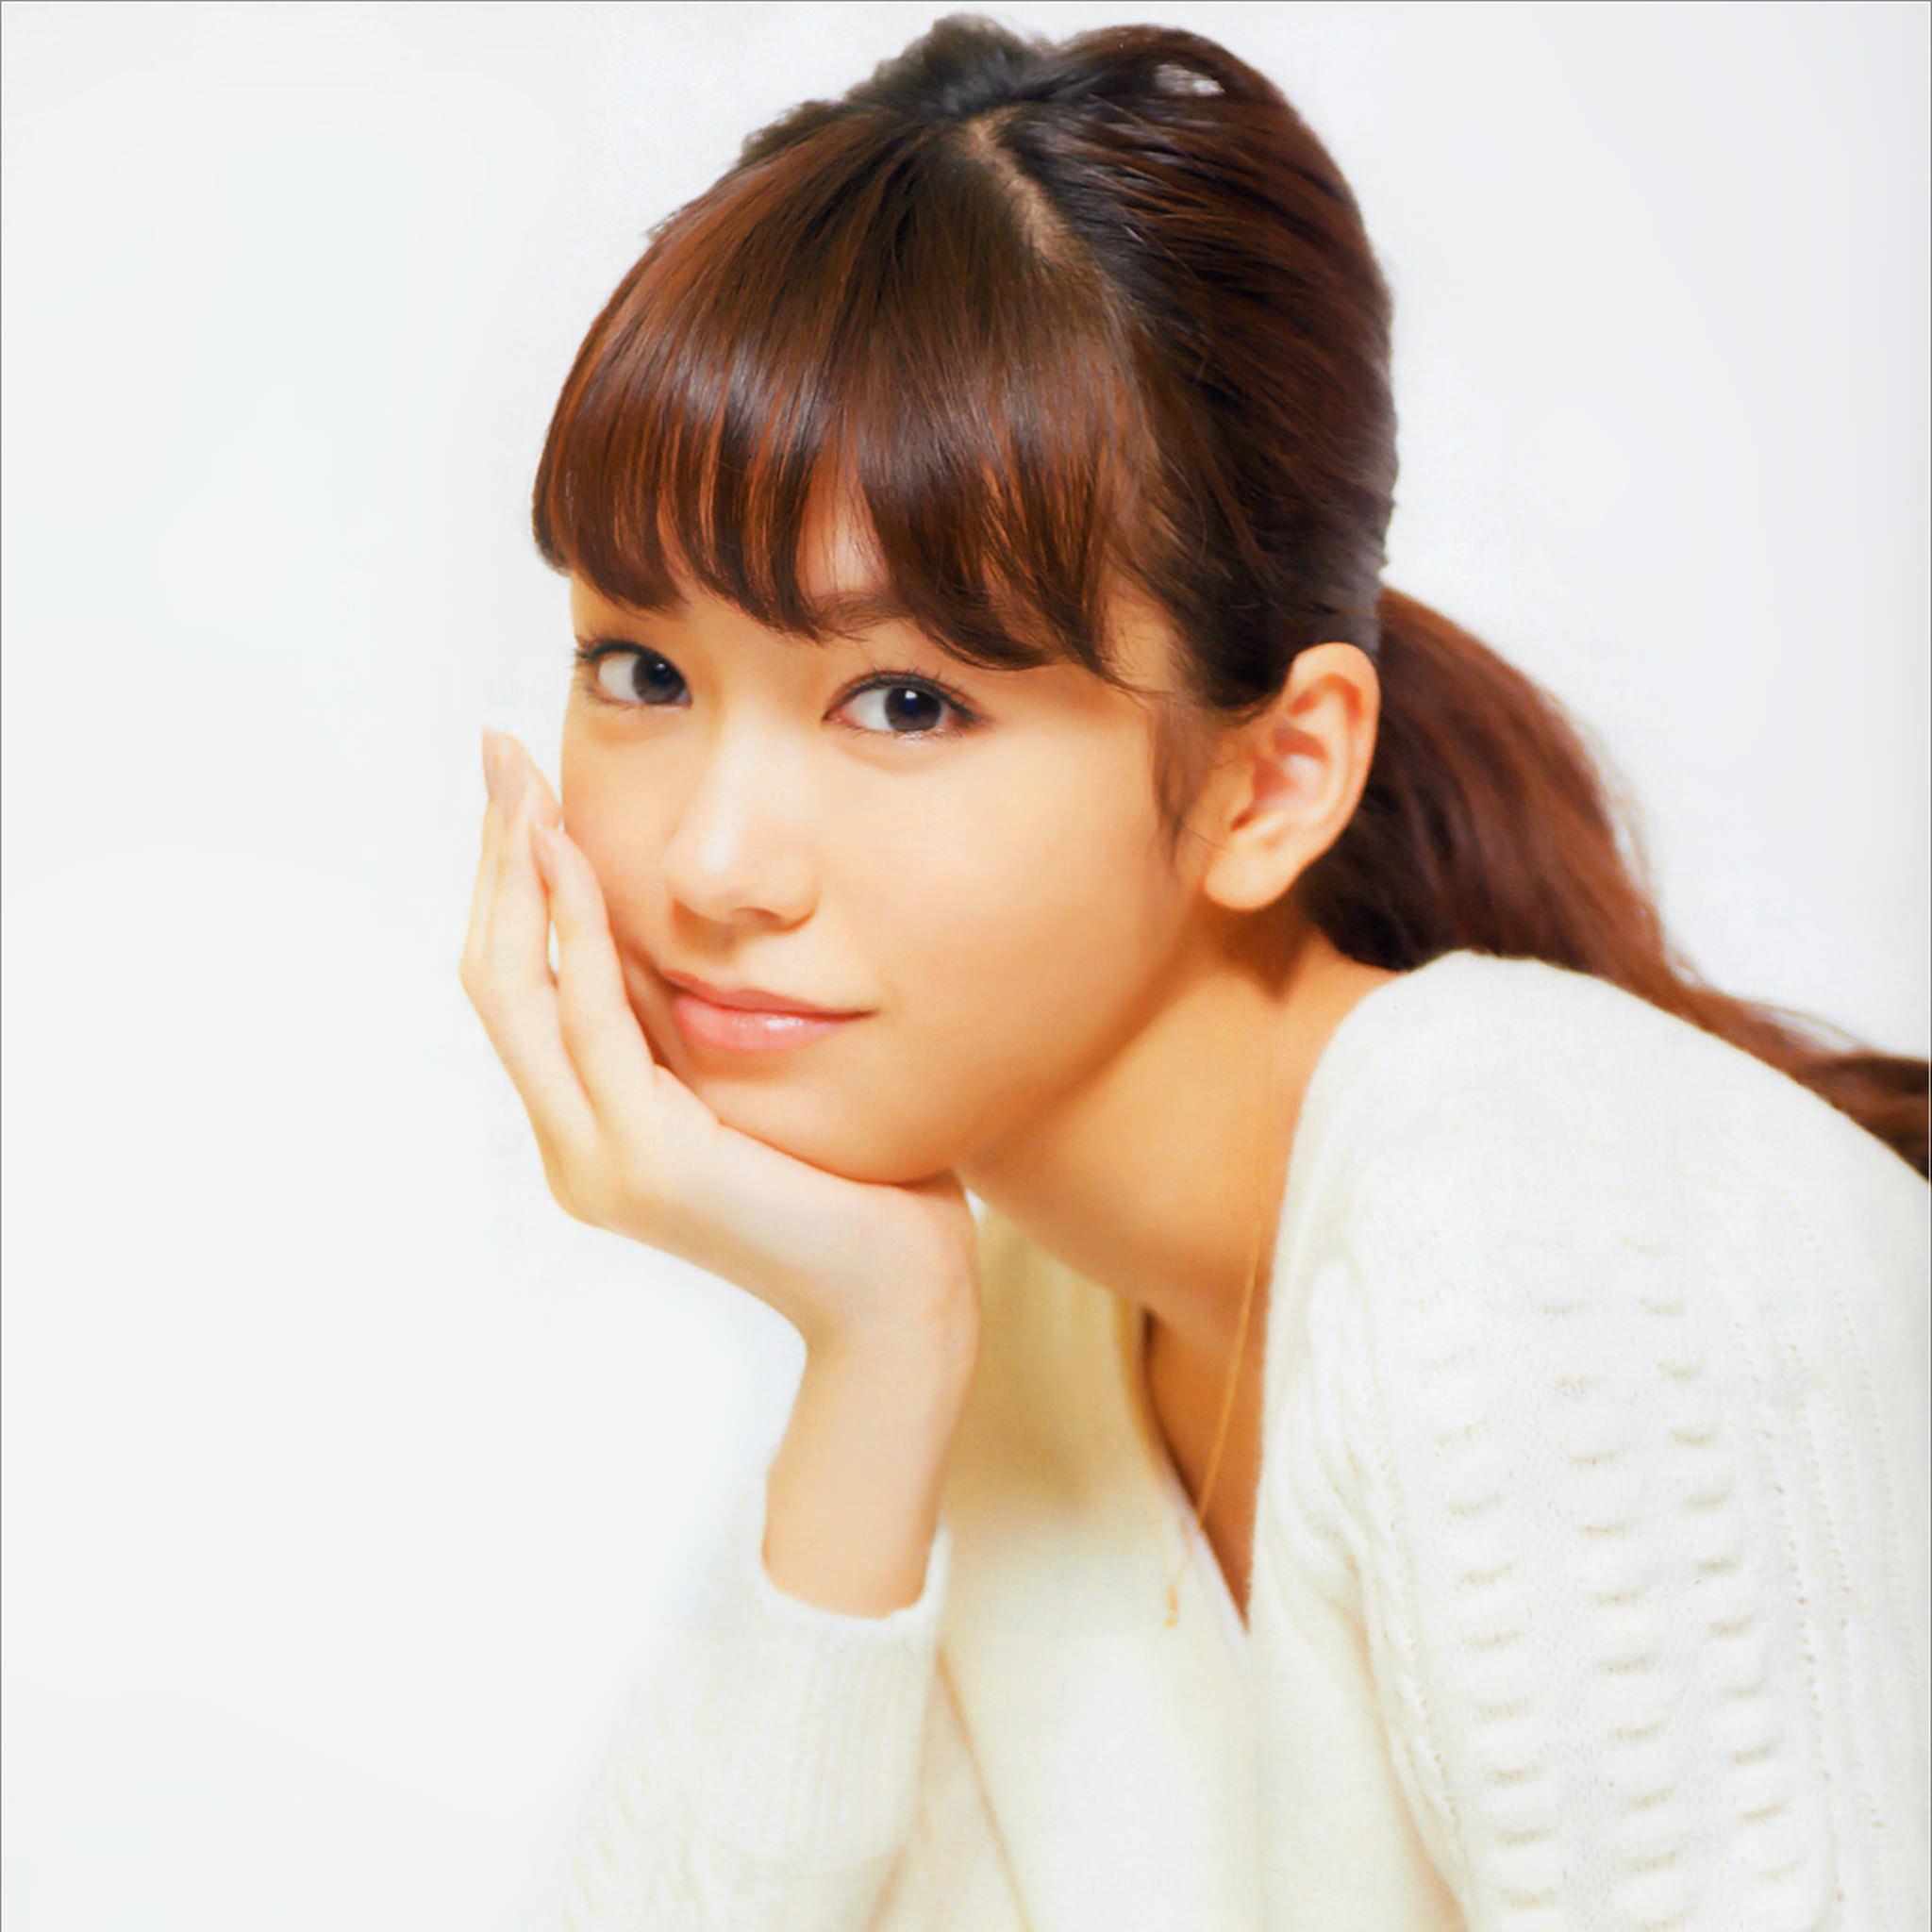 高学歴桐谷美玲の本名は、とってもキュート!!画像と一緒にどうぞのサムネイル画像